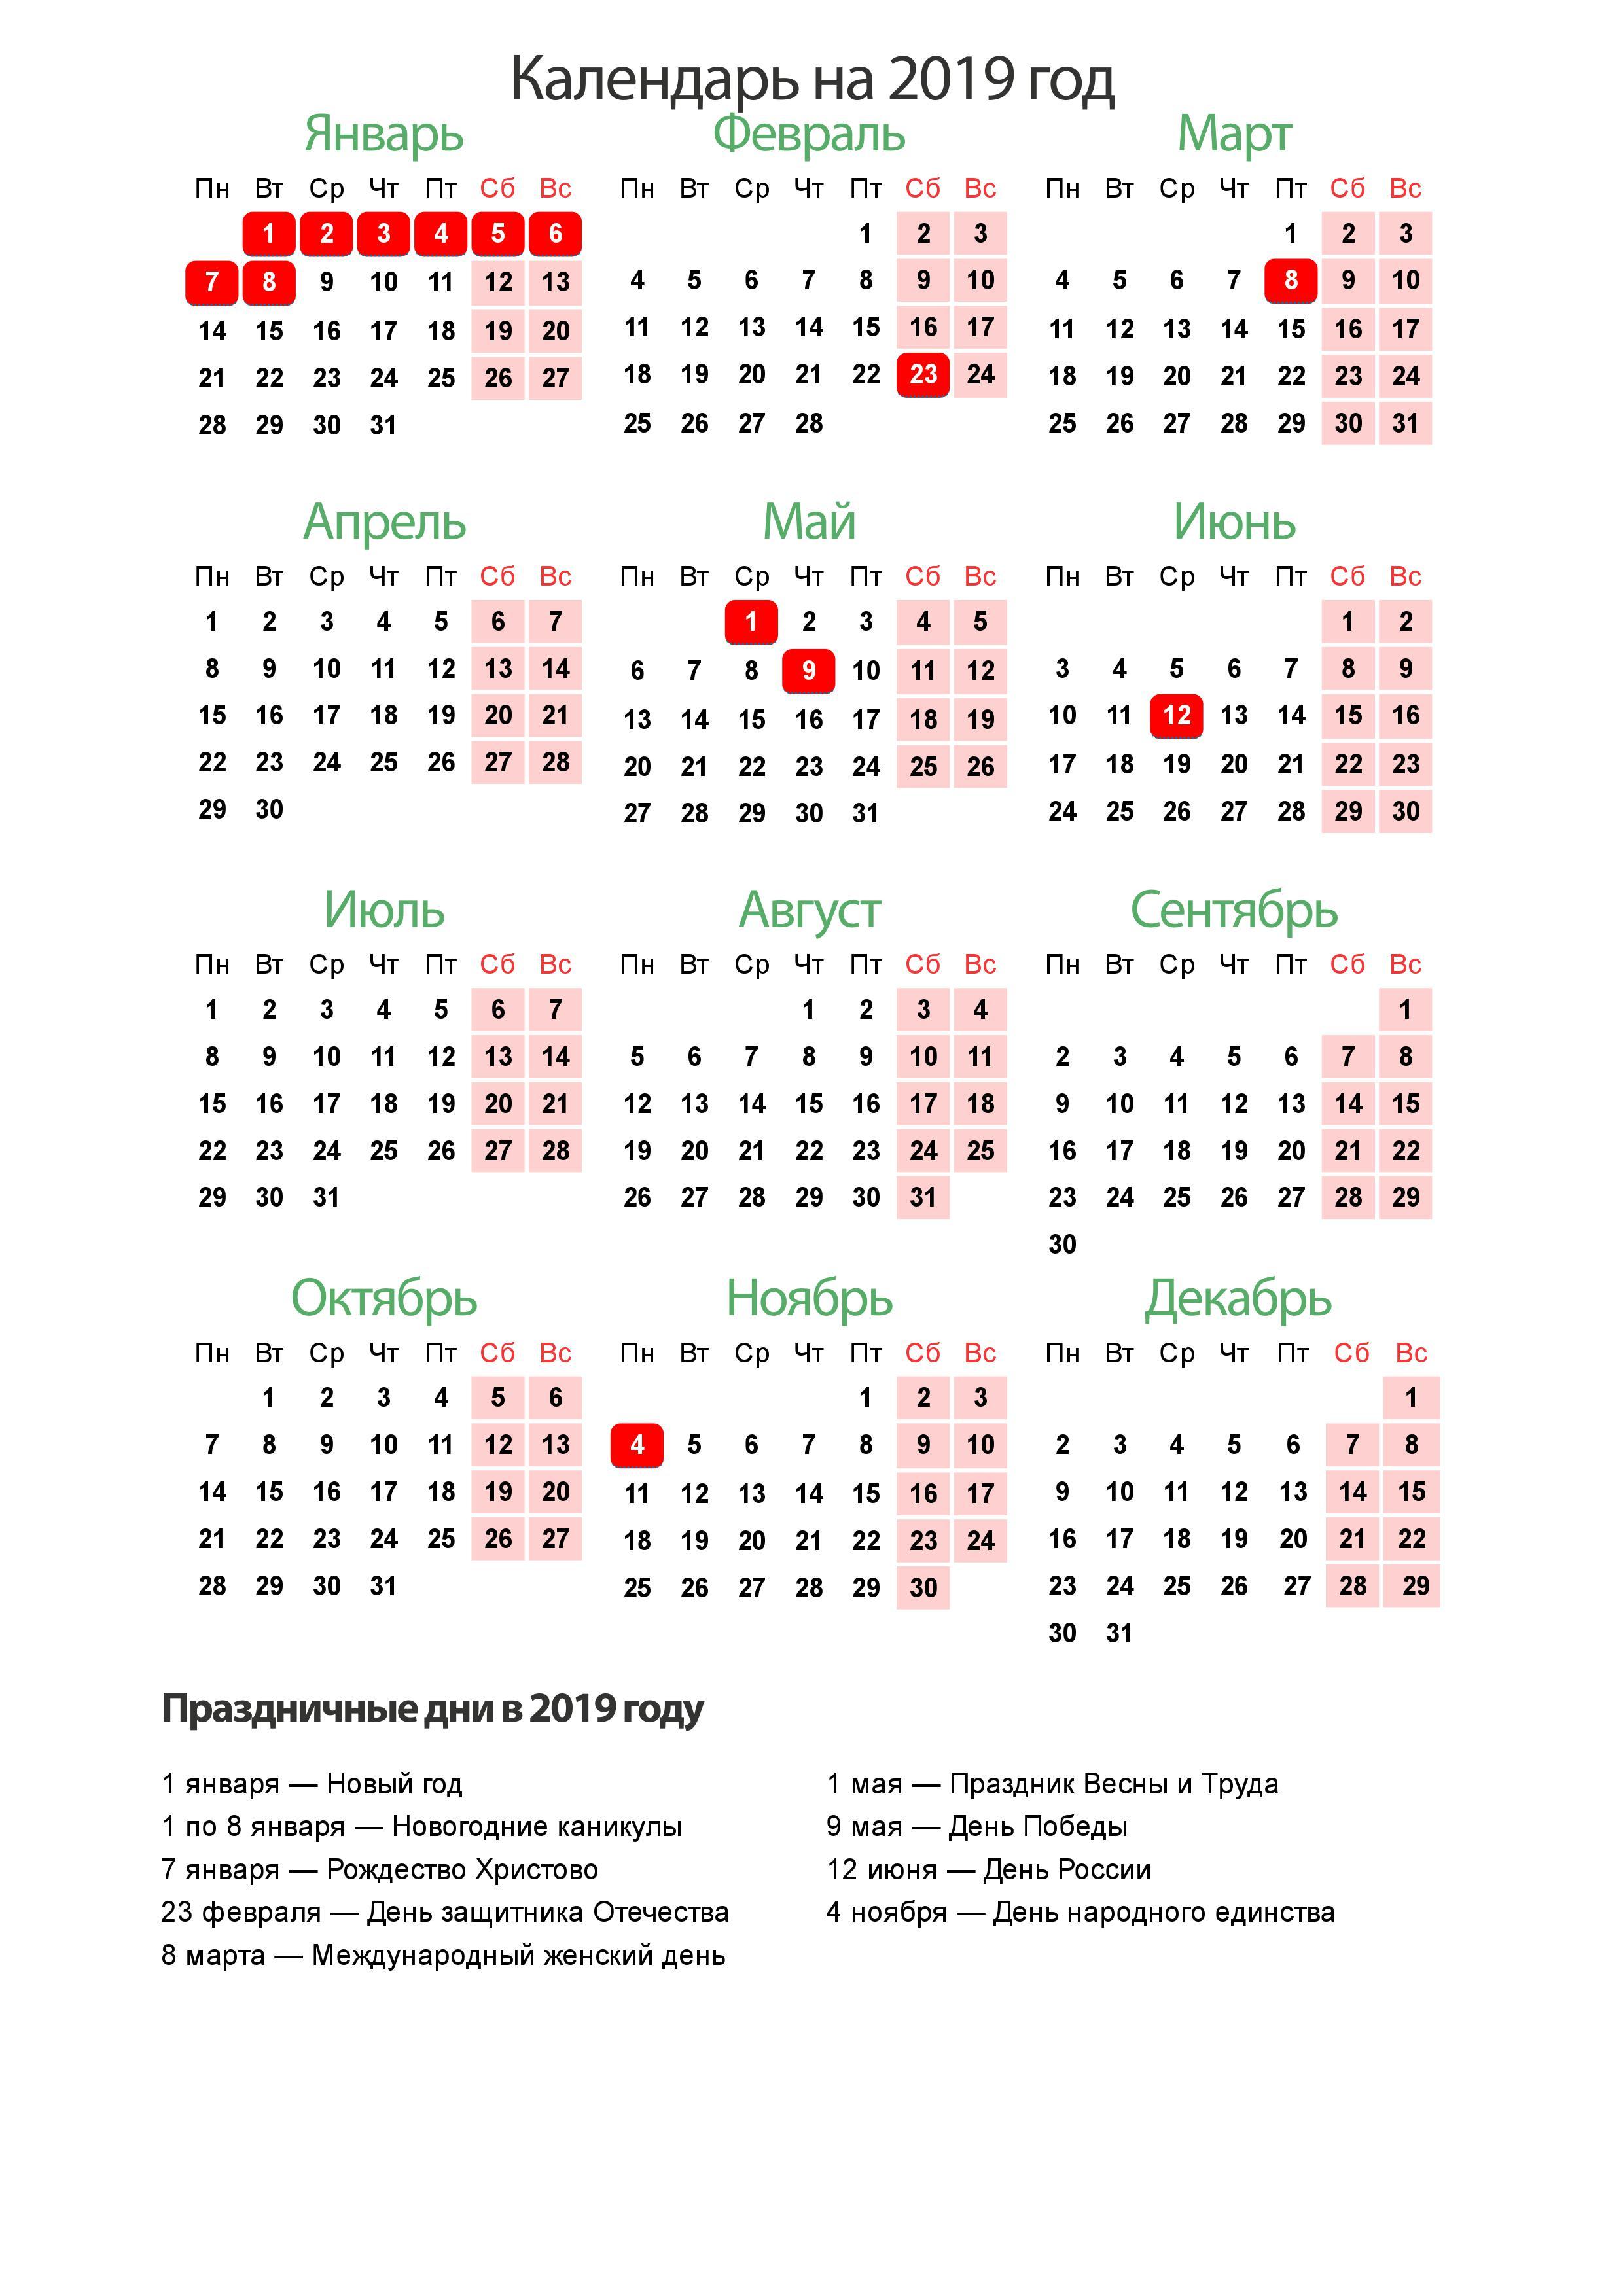 Рождество христово в 2019 году - КалендарьГода новые фото